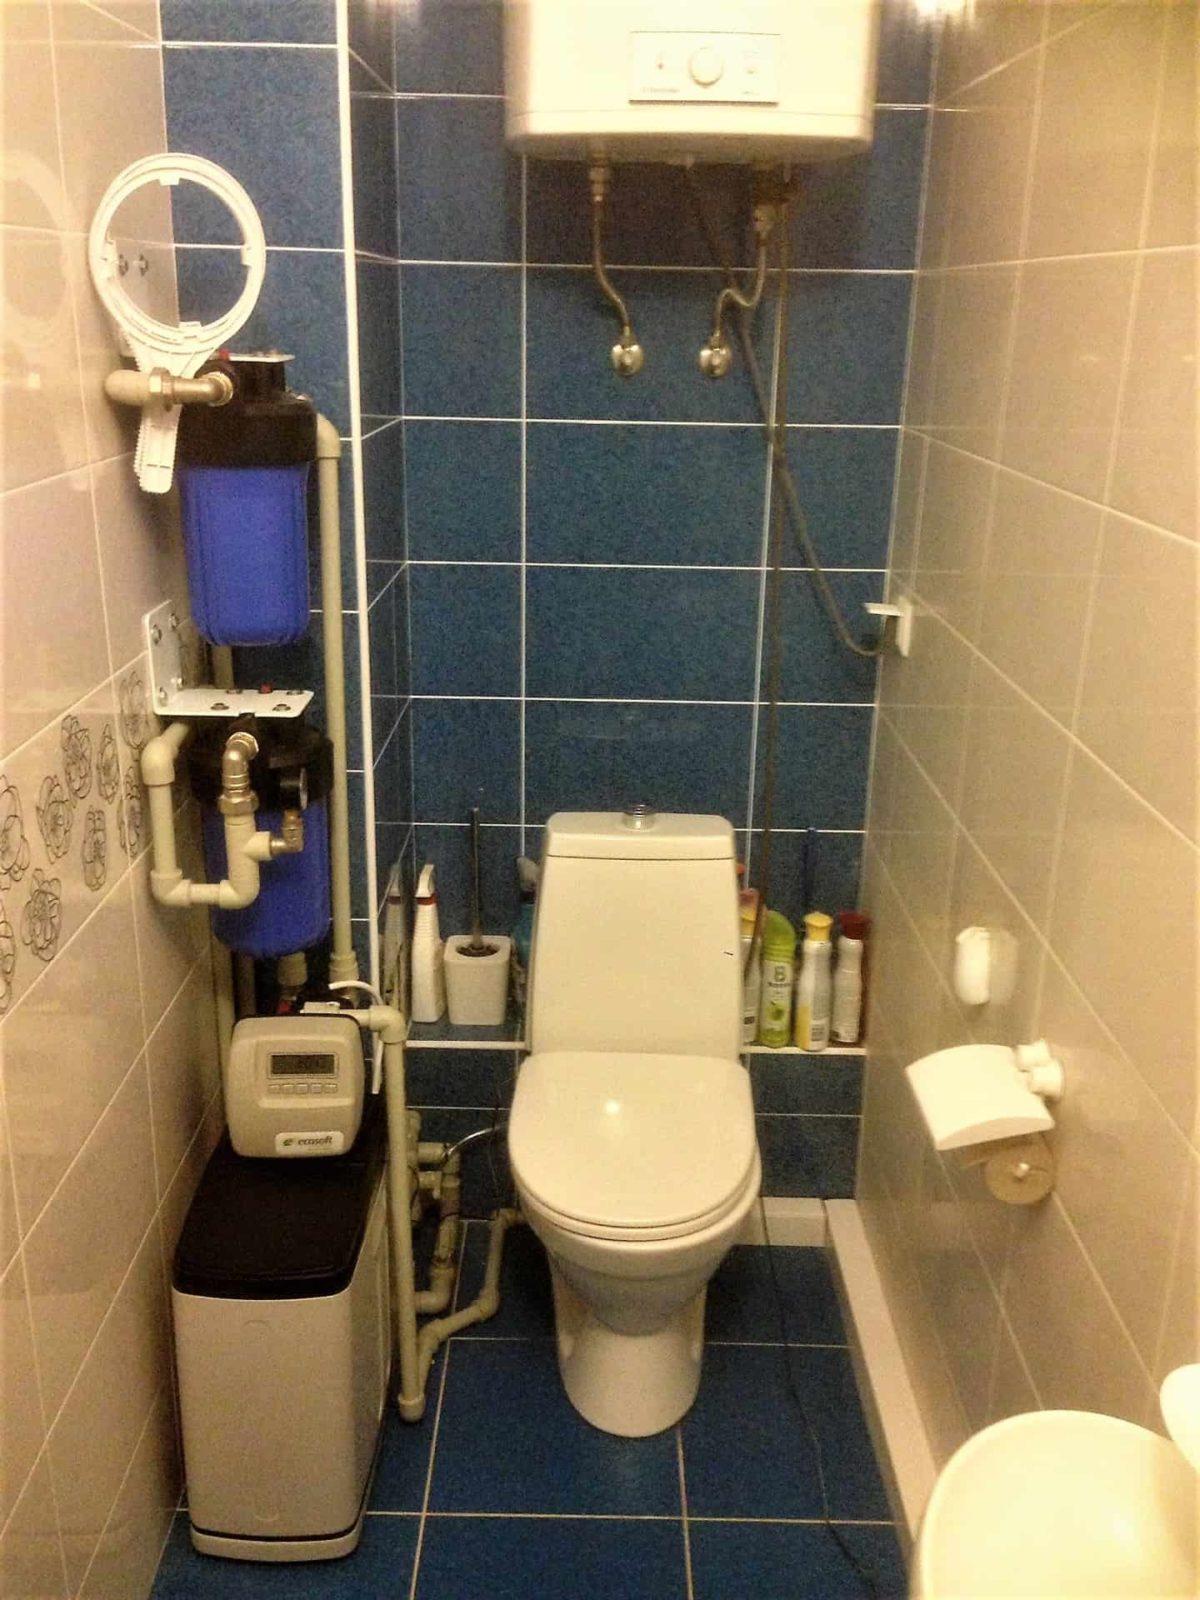 Компактный фильтр для бытовой очистки воды в квартире